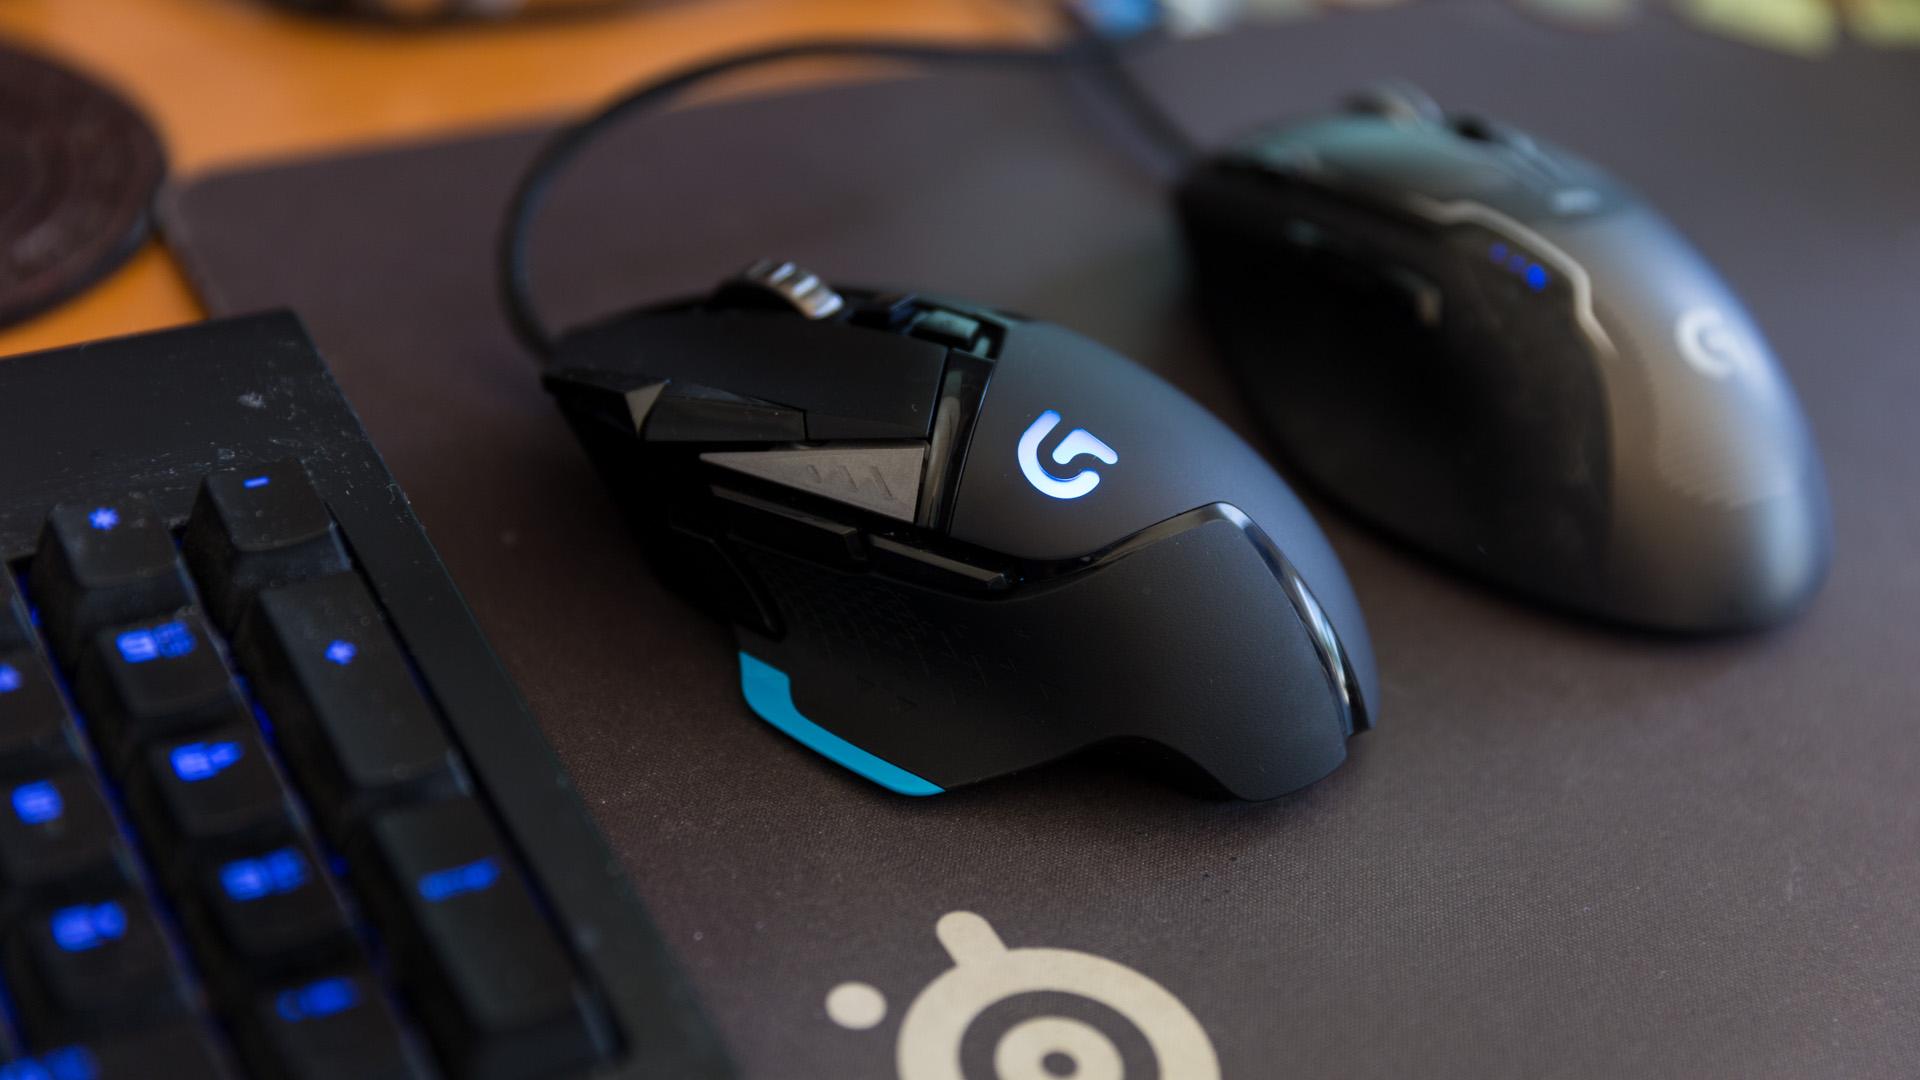 най-бързата универсална геймърска мишка, Logitech G502